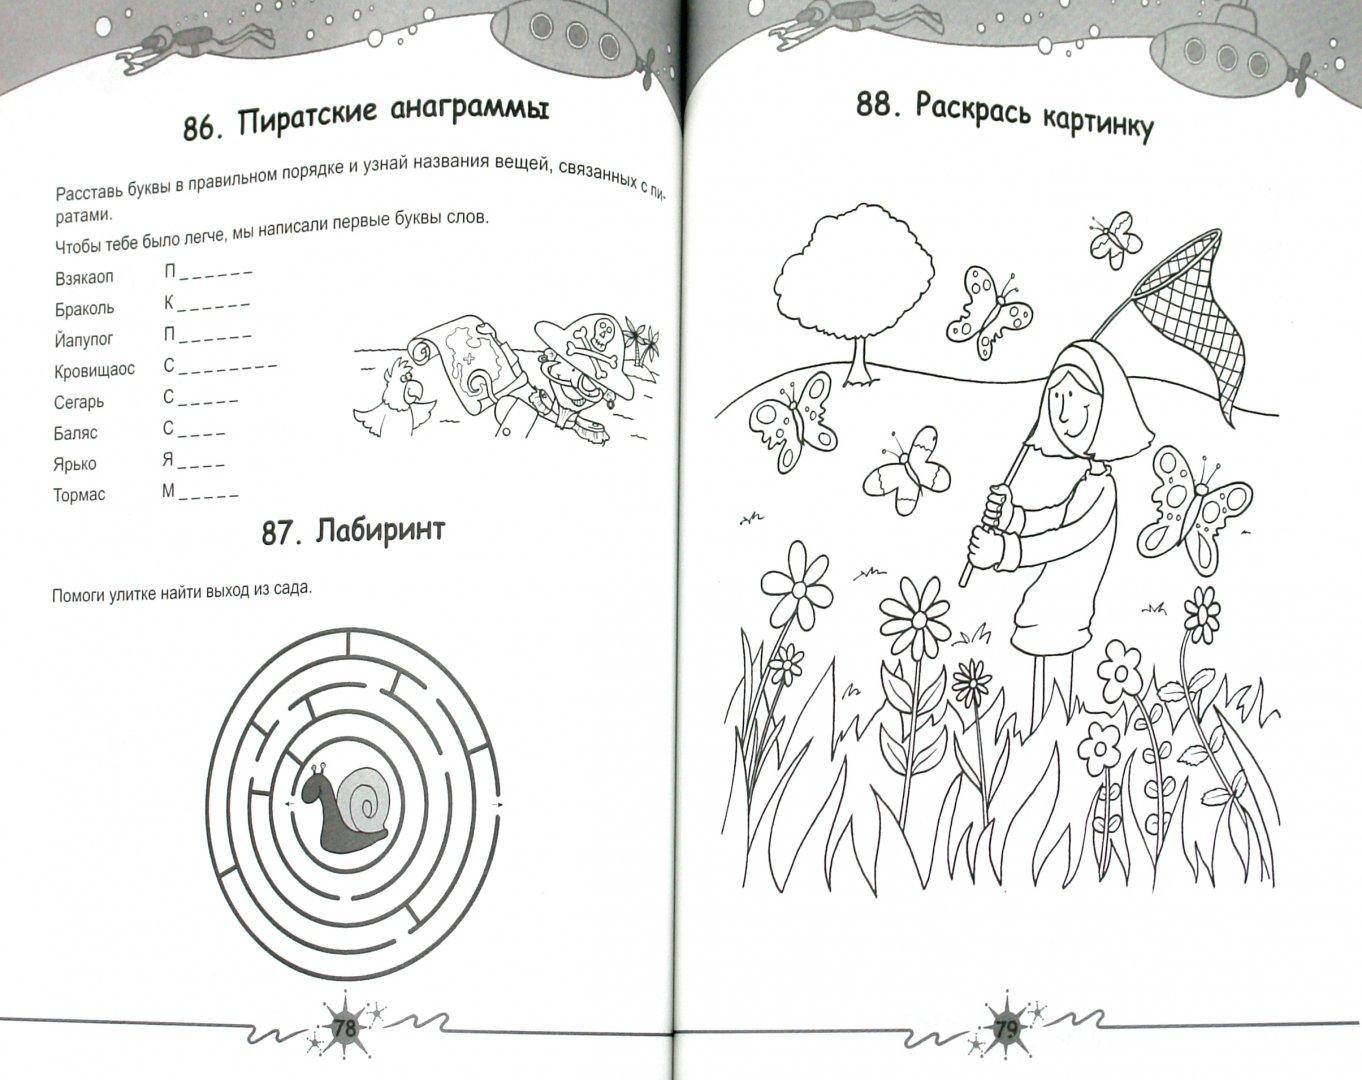 Иллюстрация 1 из 22 для Игры для ума. Занимательные задачи для детей от 5 до 7 лет | Лабиринт - книги. Источник: Лабиринт